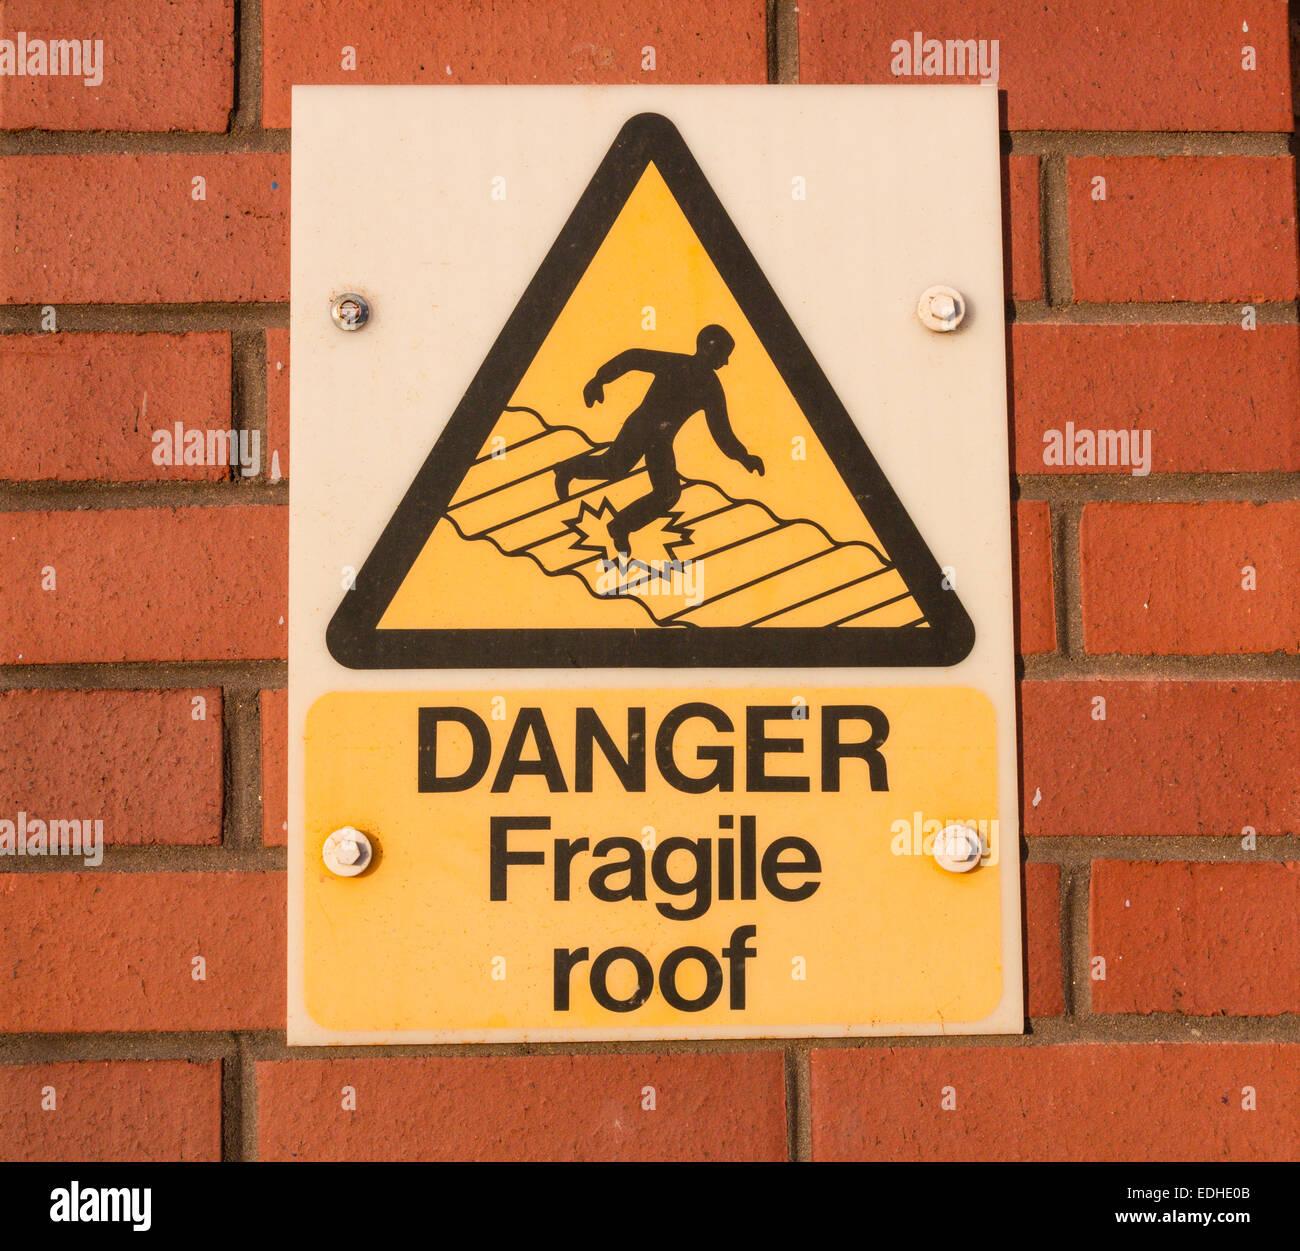 Pericolo tetto fragile segnale di avvertimento Immagini Stock